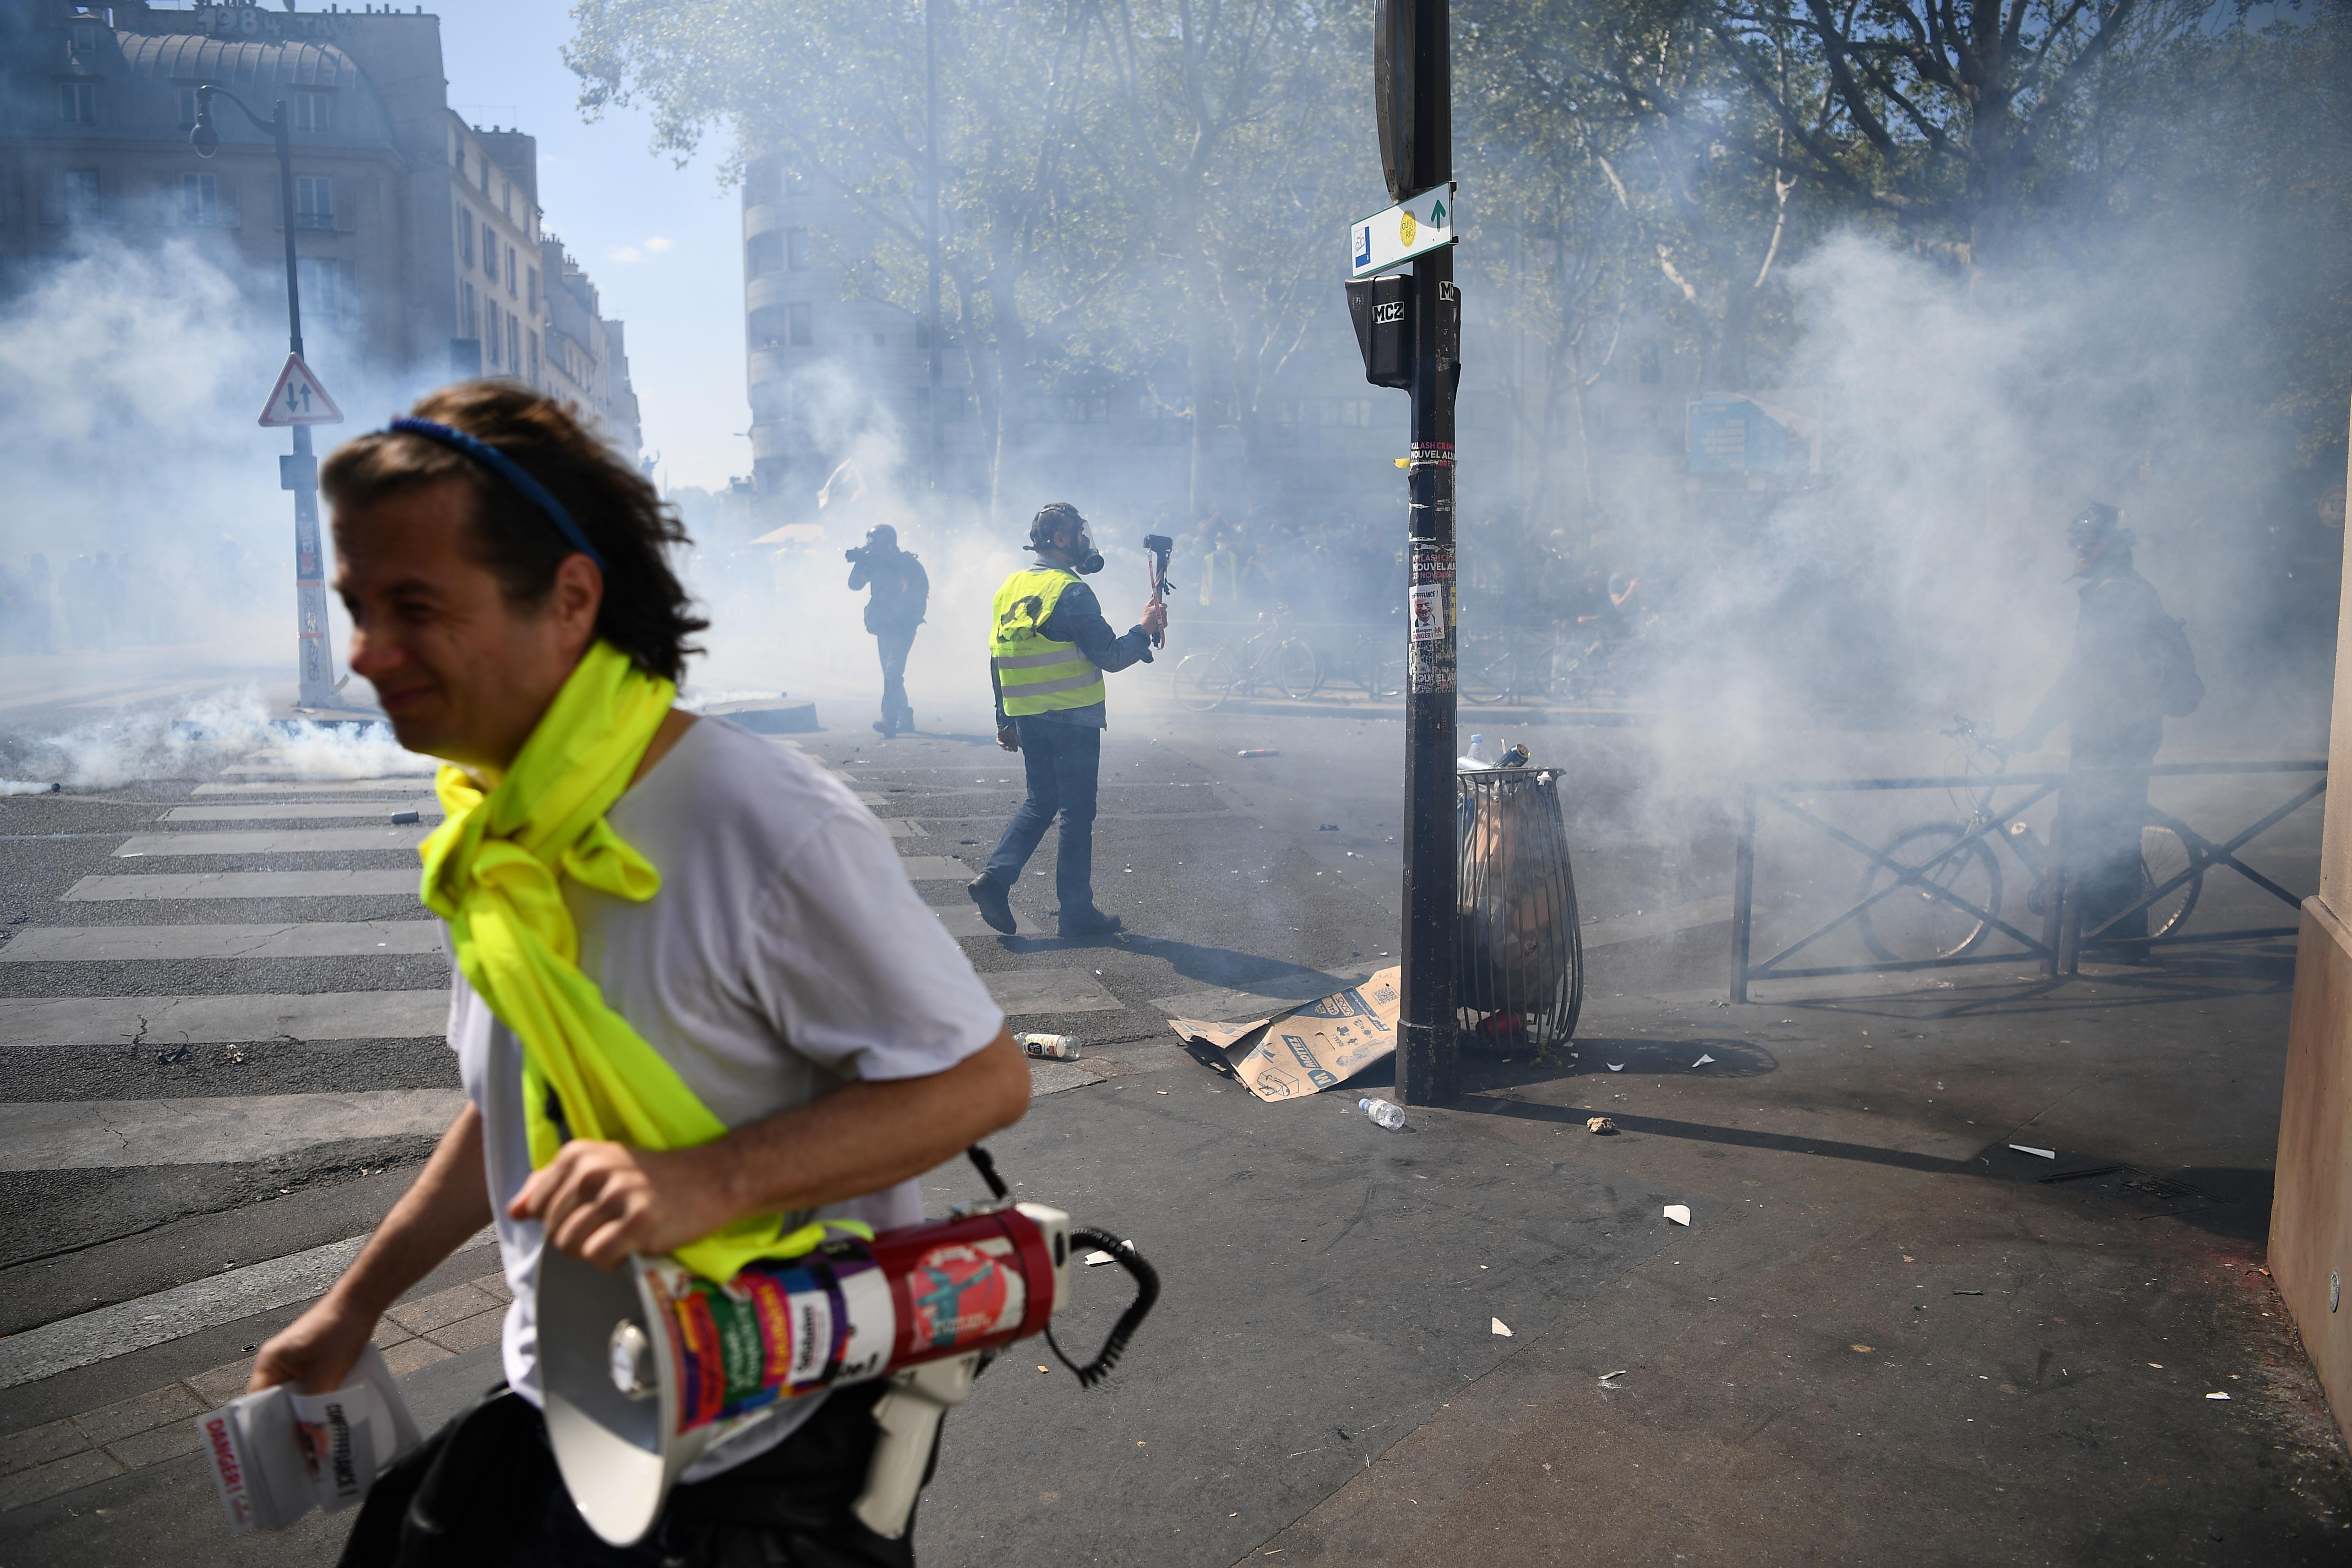 Sárgamellényes tüntetők kifogásolják, hogy a Notre-Dame ügye elhomályosítja a követeléseiket